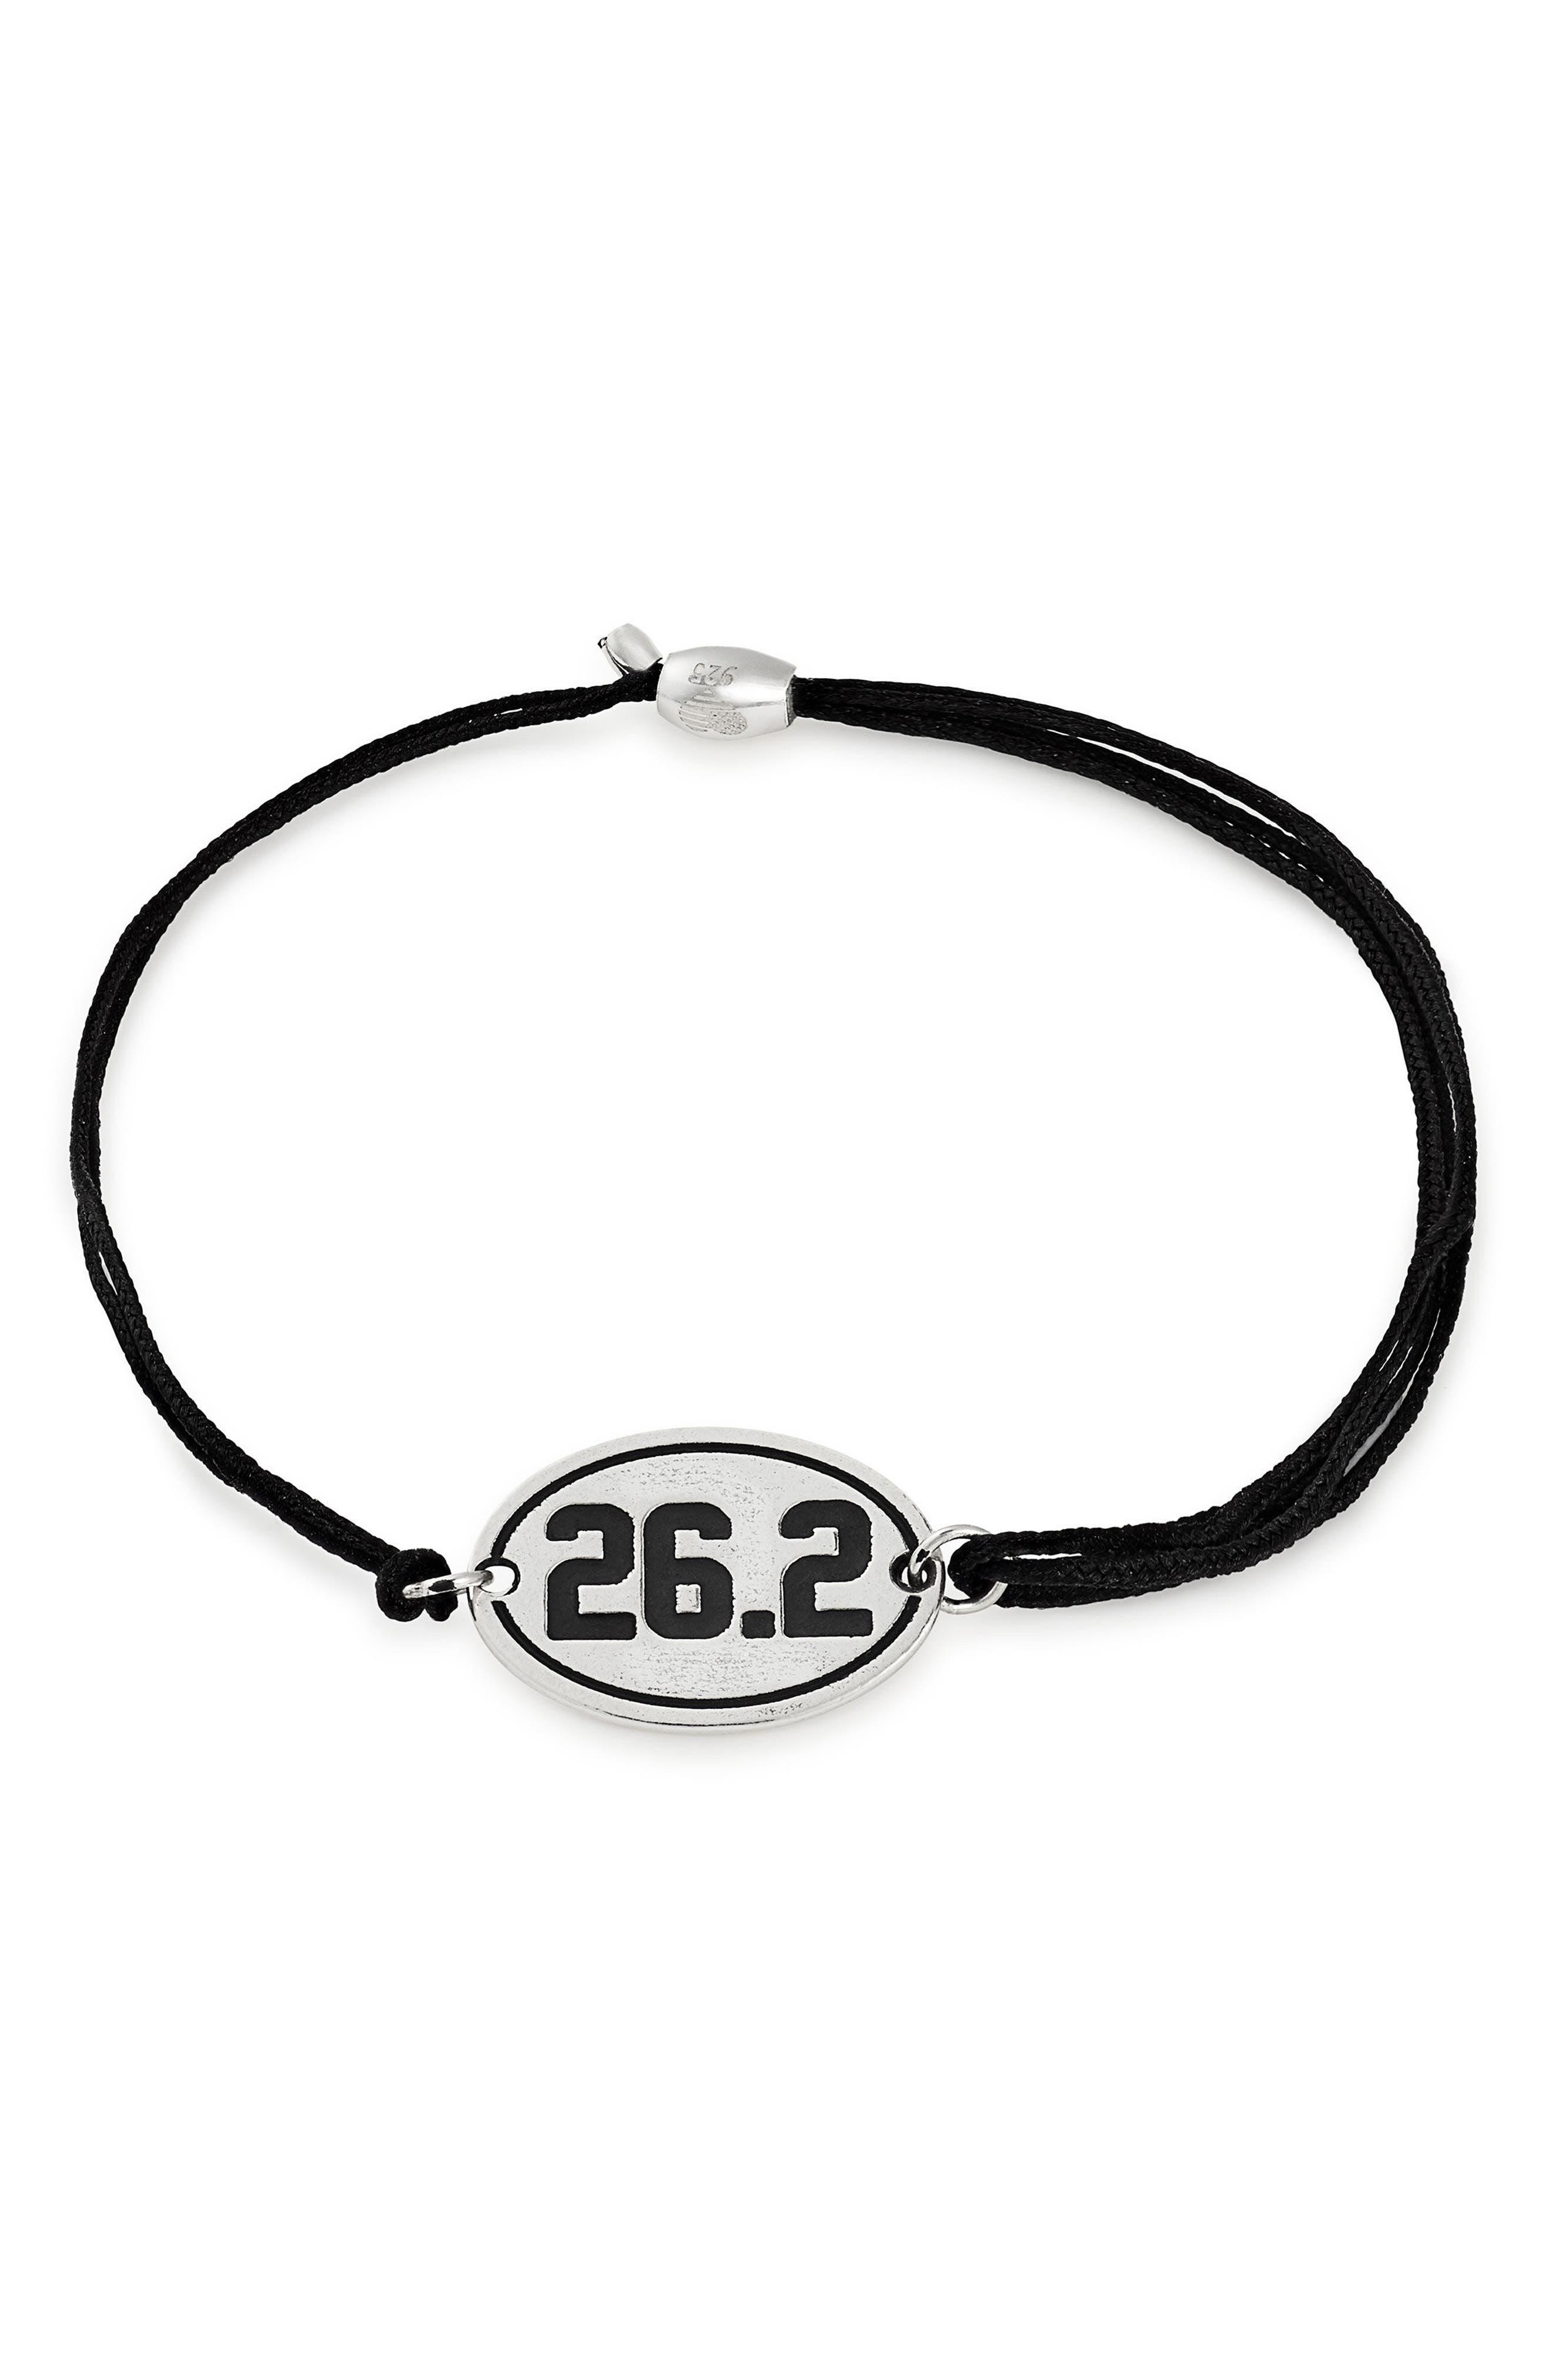 Kindred Cord Marathon 26.2 Bracelet,                         Main,                         color, Silver